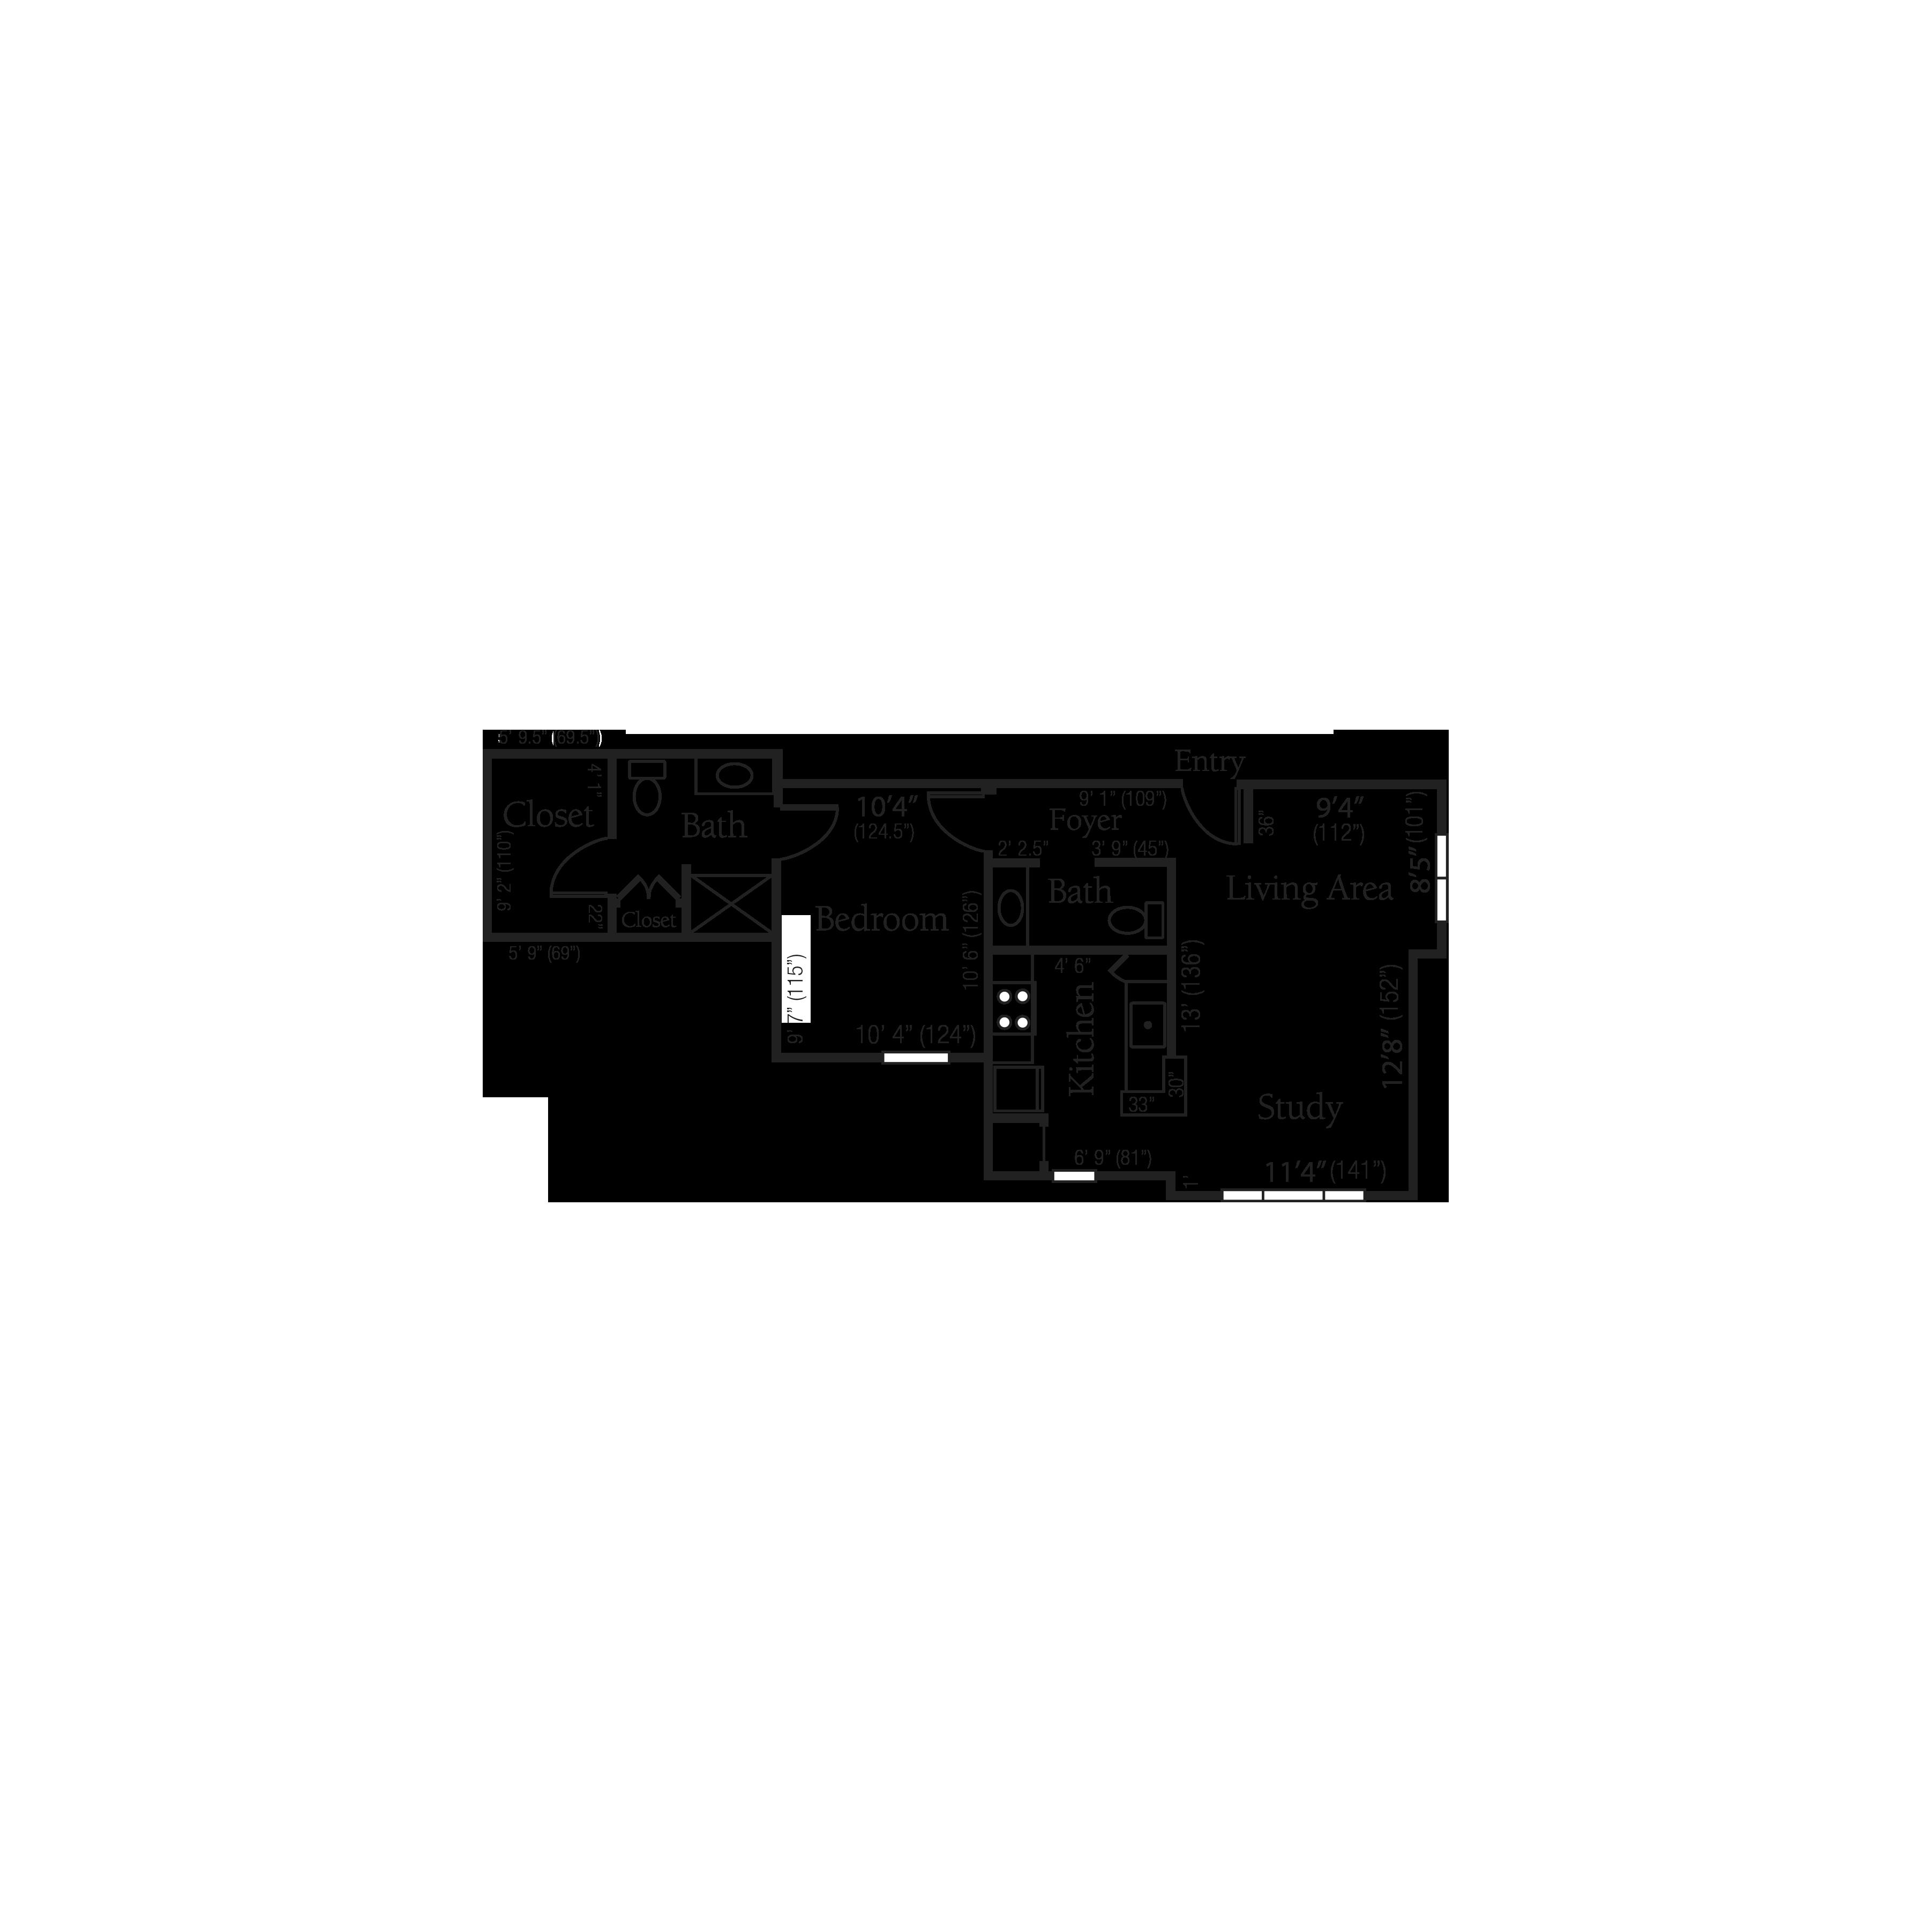 The Essex floor plan